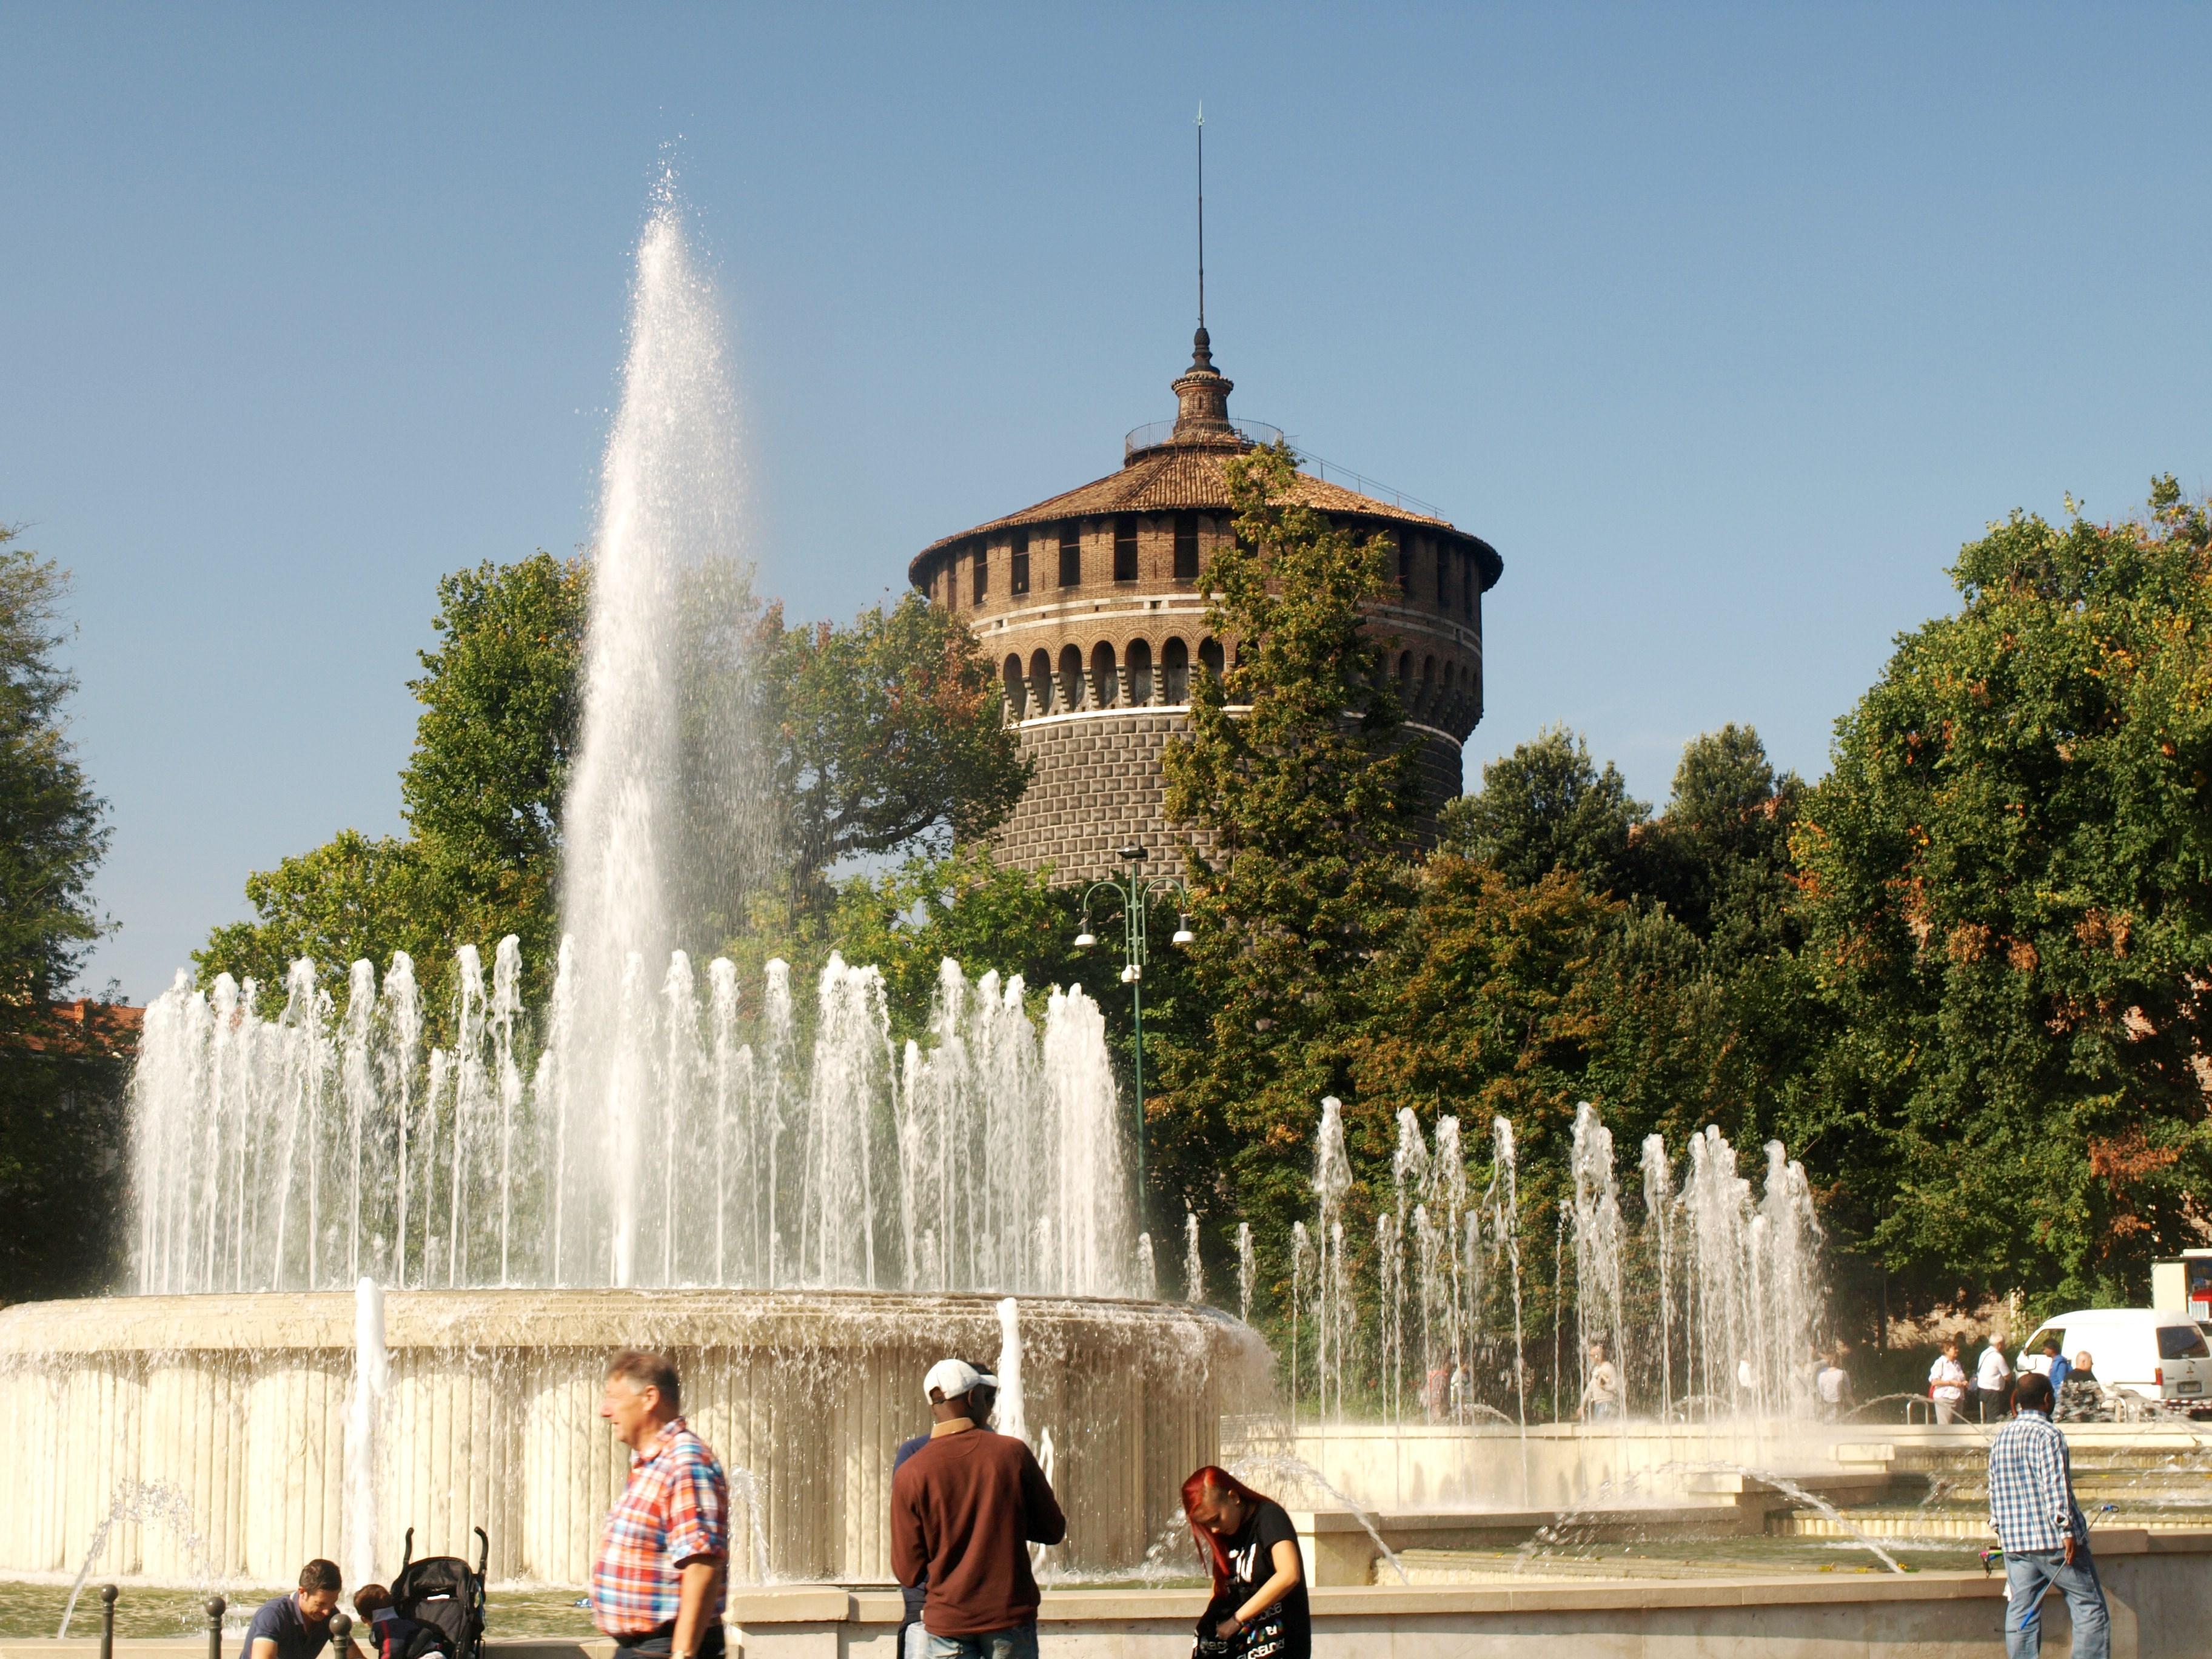 Itálie - Milán - kouzlo vodotrysků před Castello Sforzesco